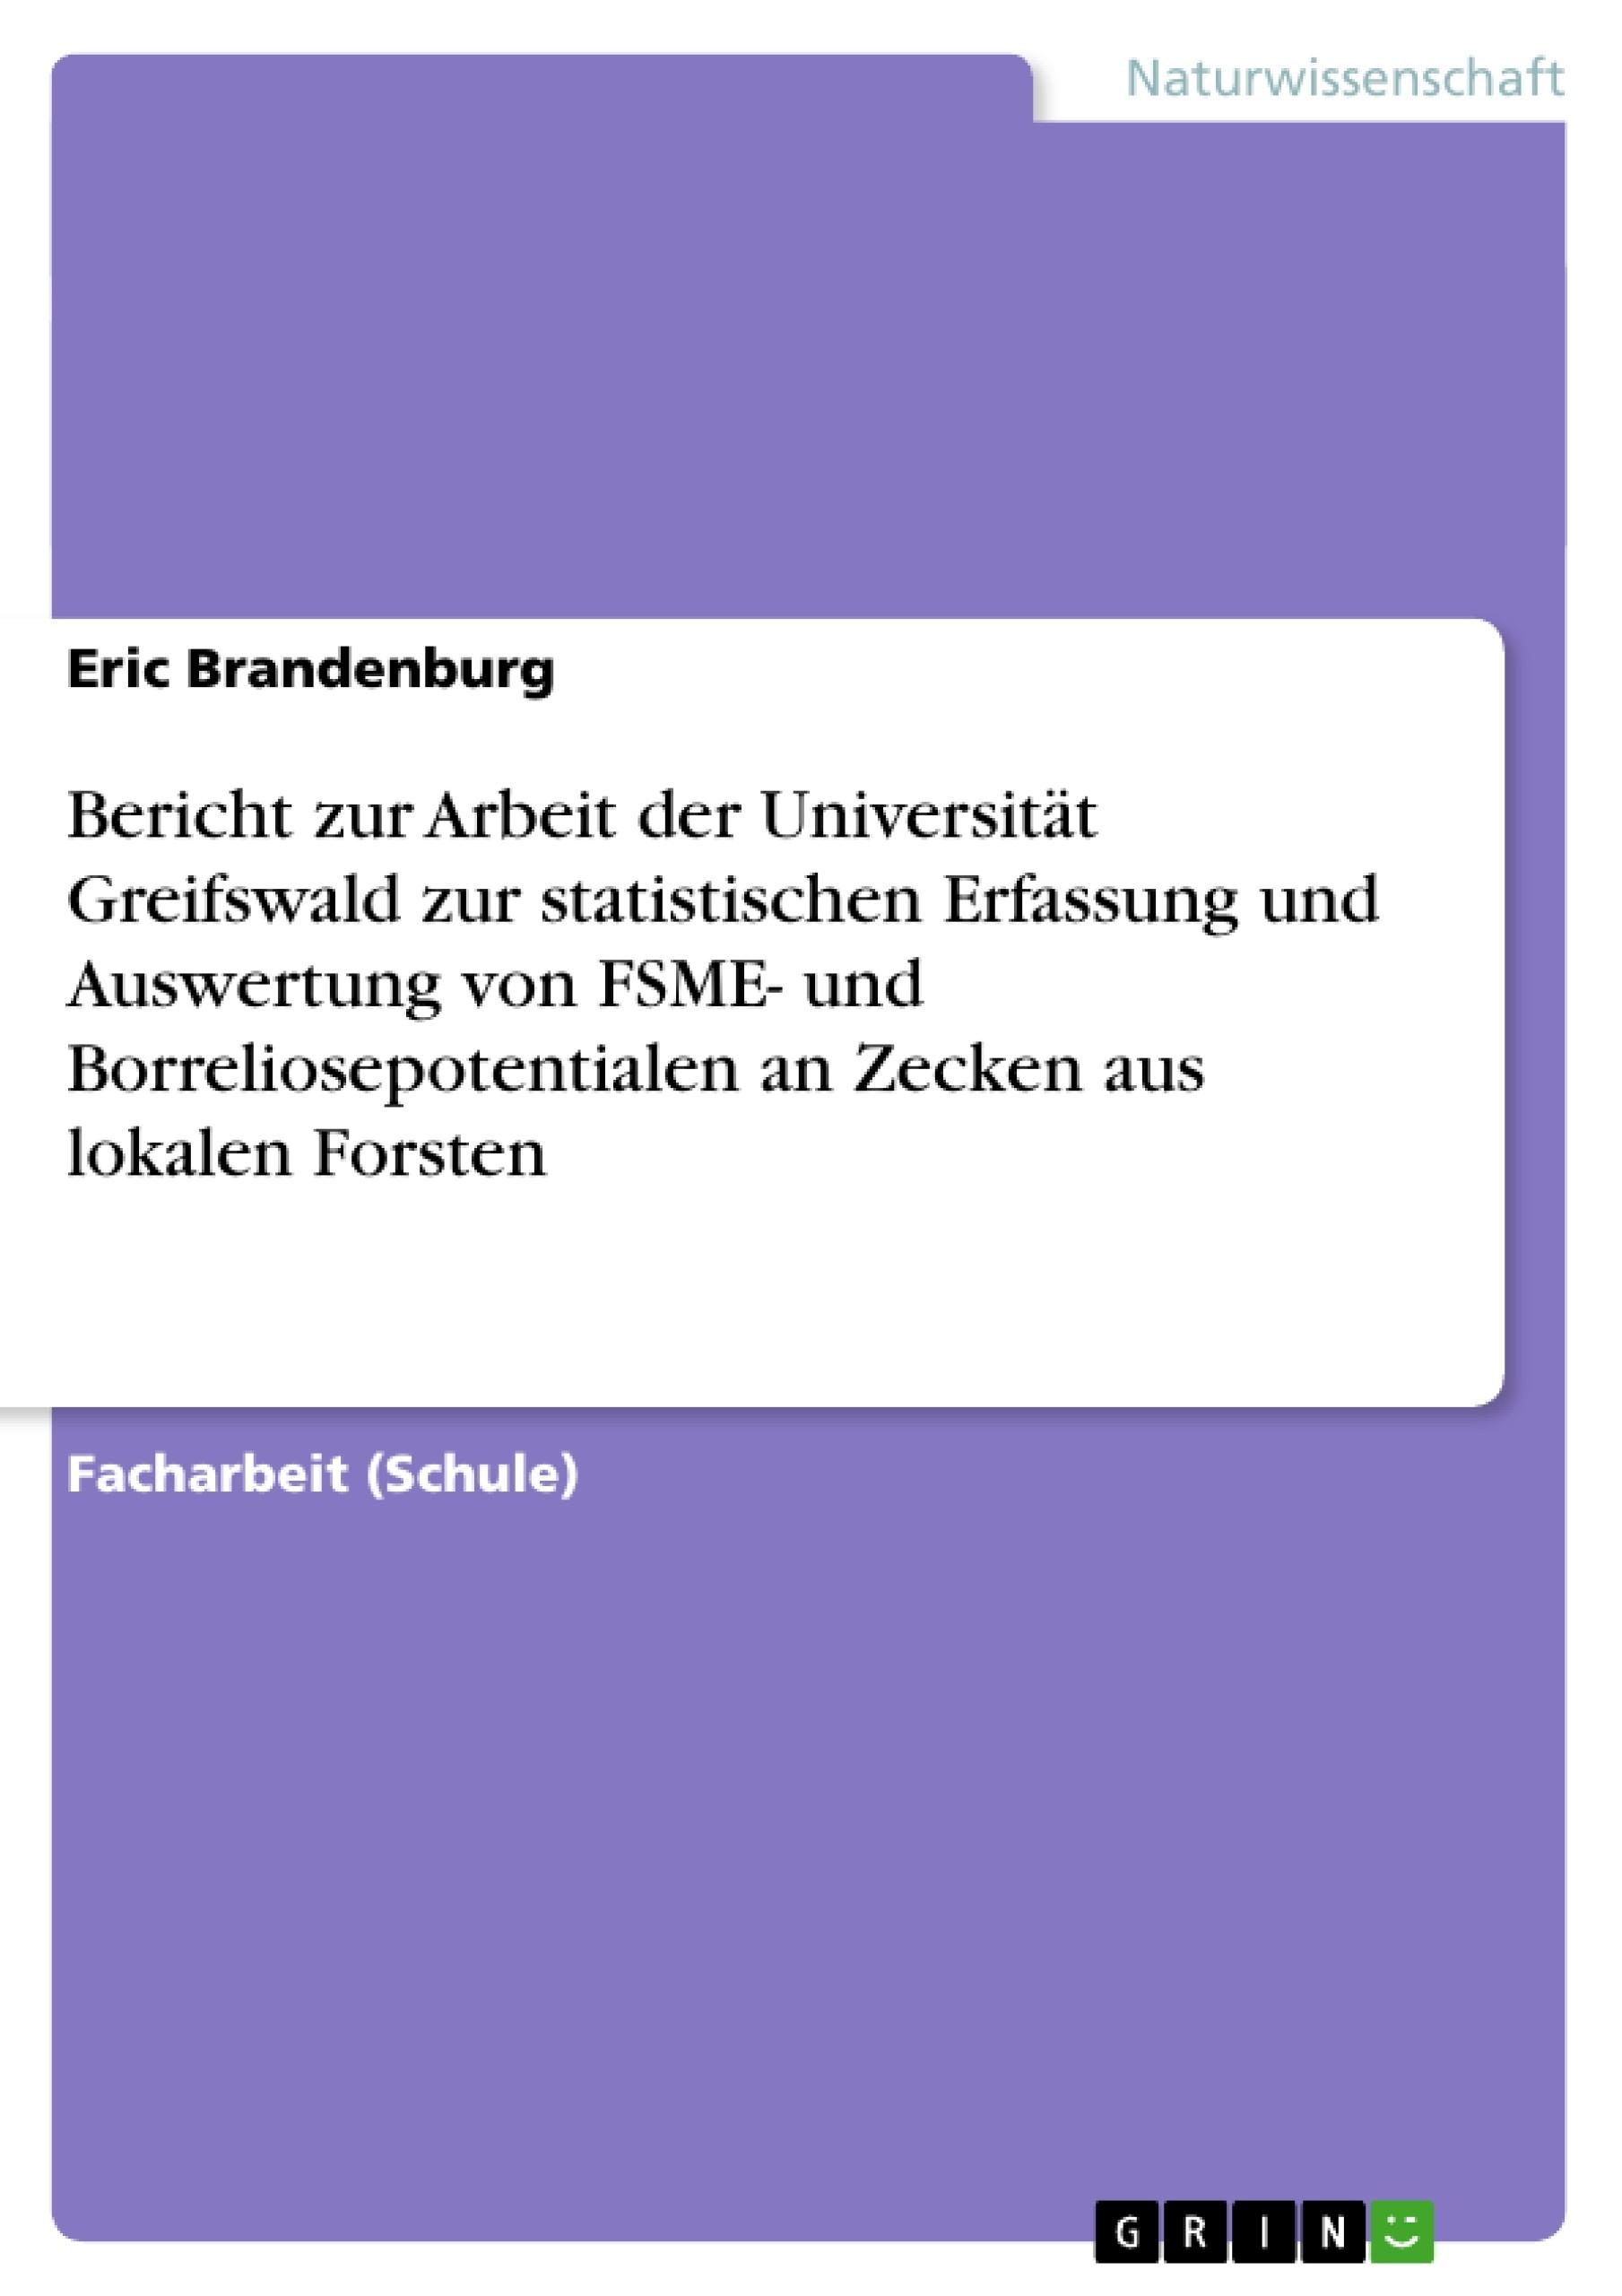 Titel: Bericht zur Arbeit der Universität Greifswald zur statistischen Erfassung und Auswertung von FSME- und Borreliosepotentialen an Zecken aus lokalen Forsten